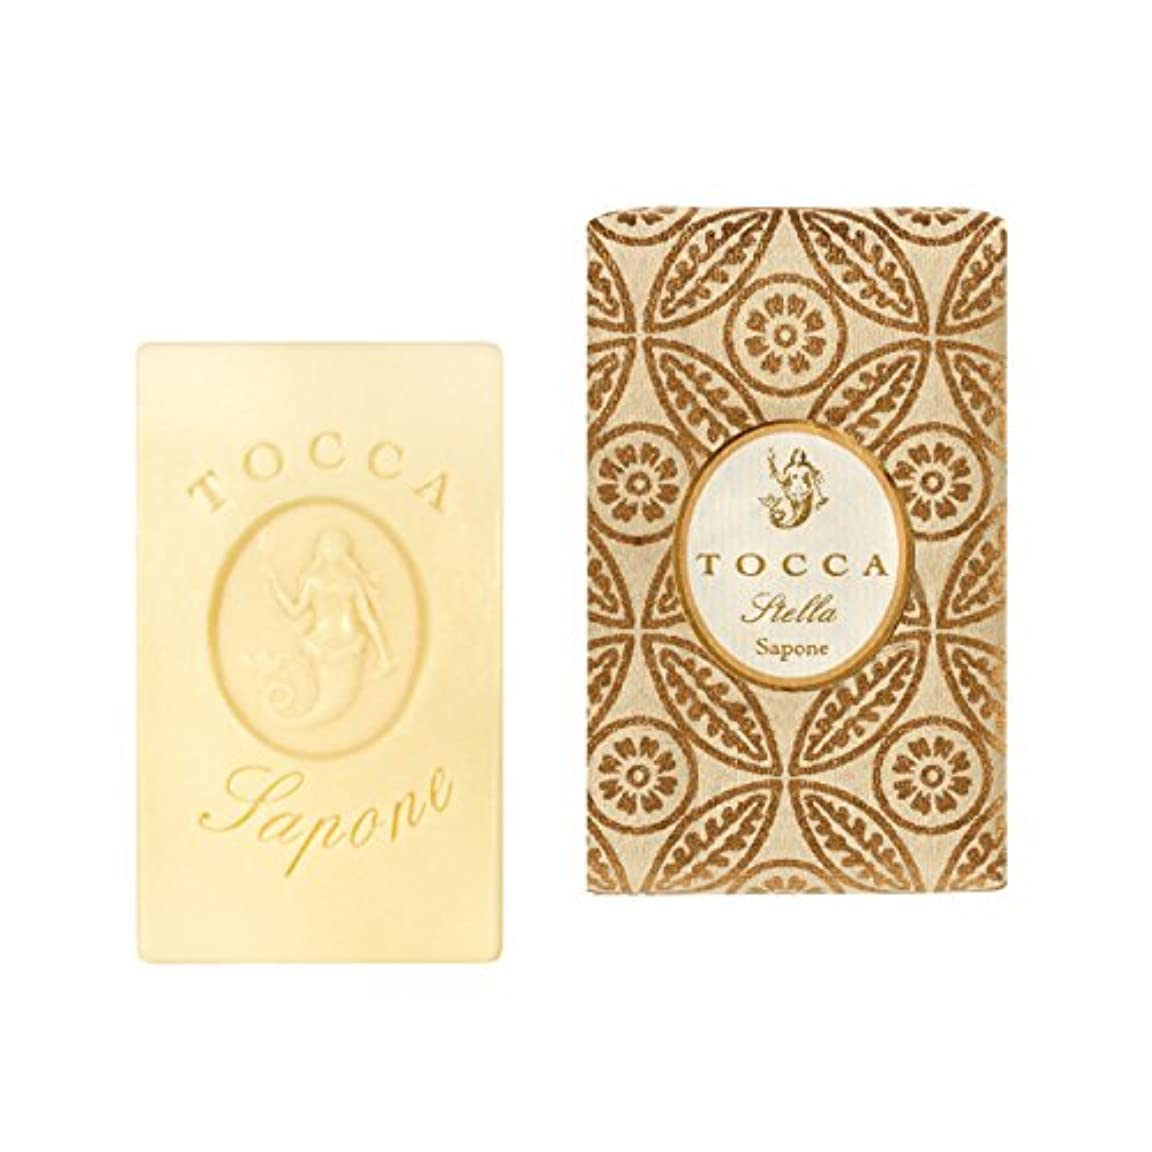 レンディションビジュアル海岸トッカ(TOCCA) ソープバー ステラの香り 113g(石けん 化粧石けん イタリアンブラッドオレンジが奏でるフレッシュでビターな爽やかさ漂う香り)